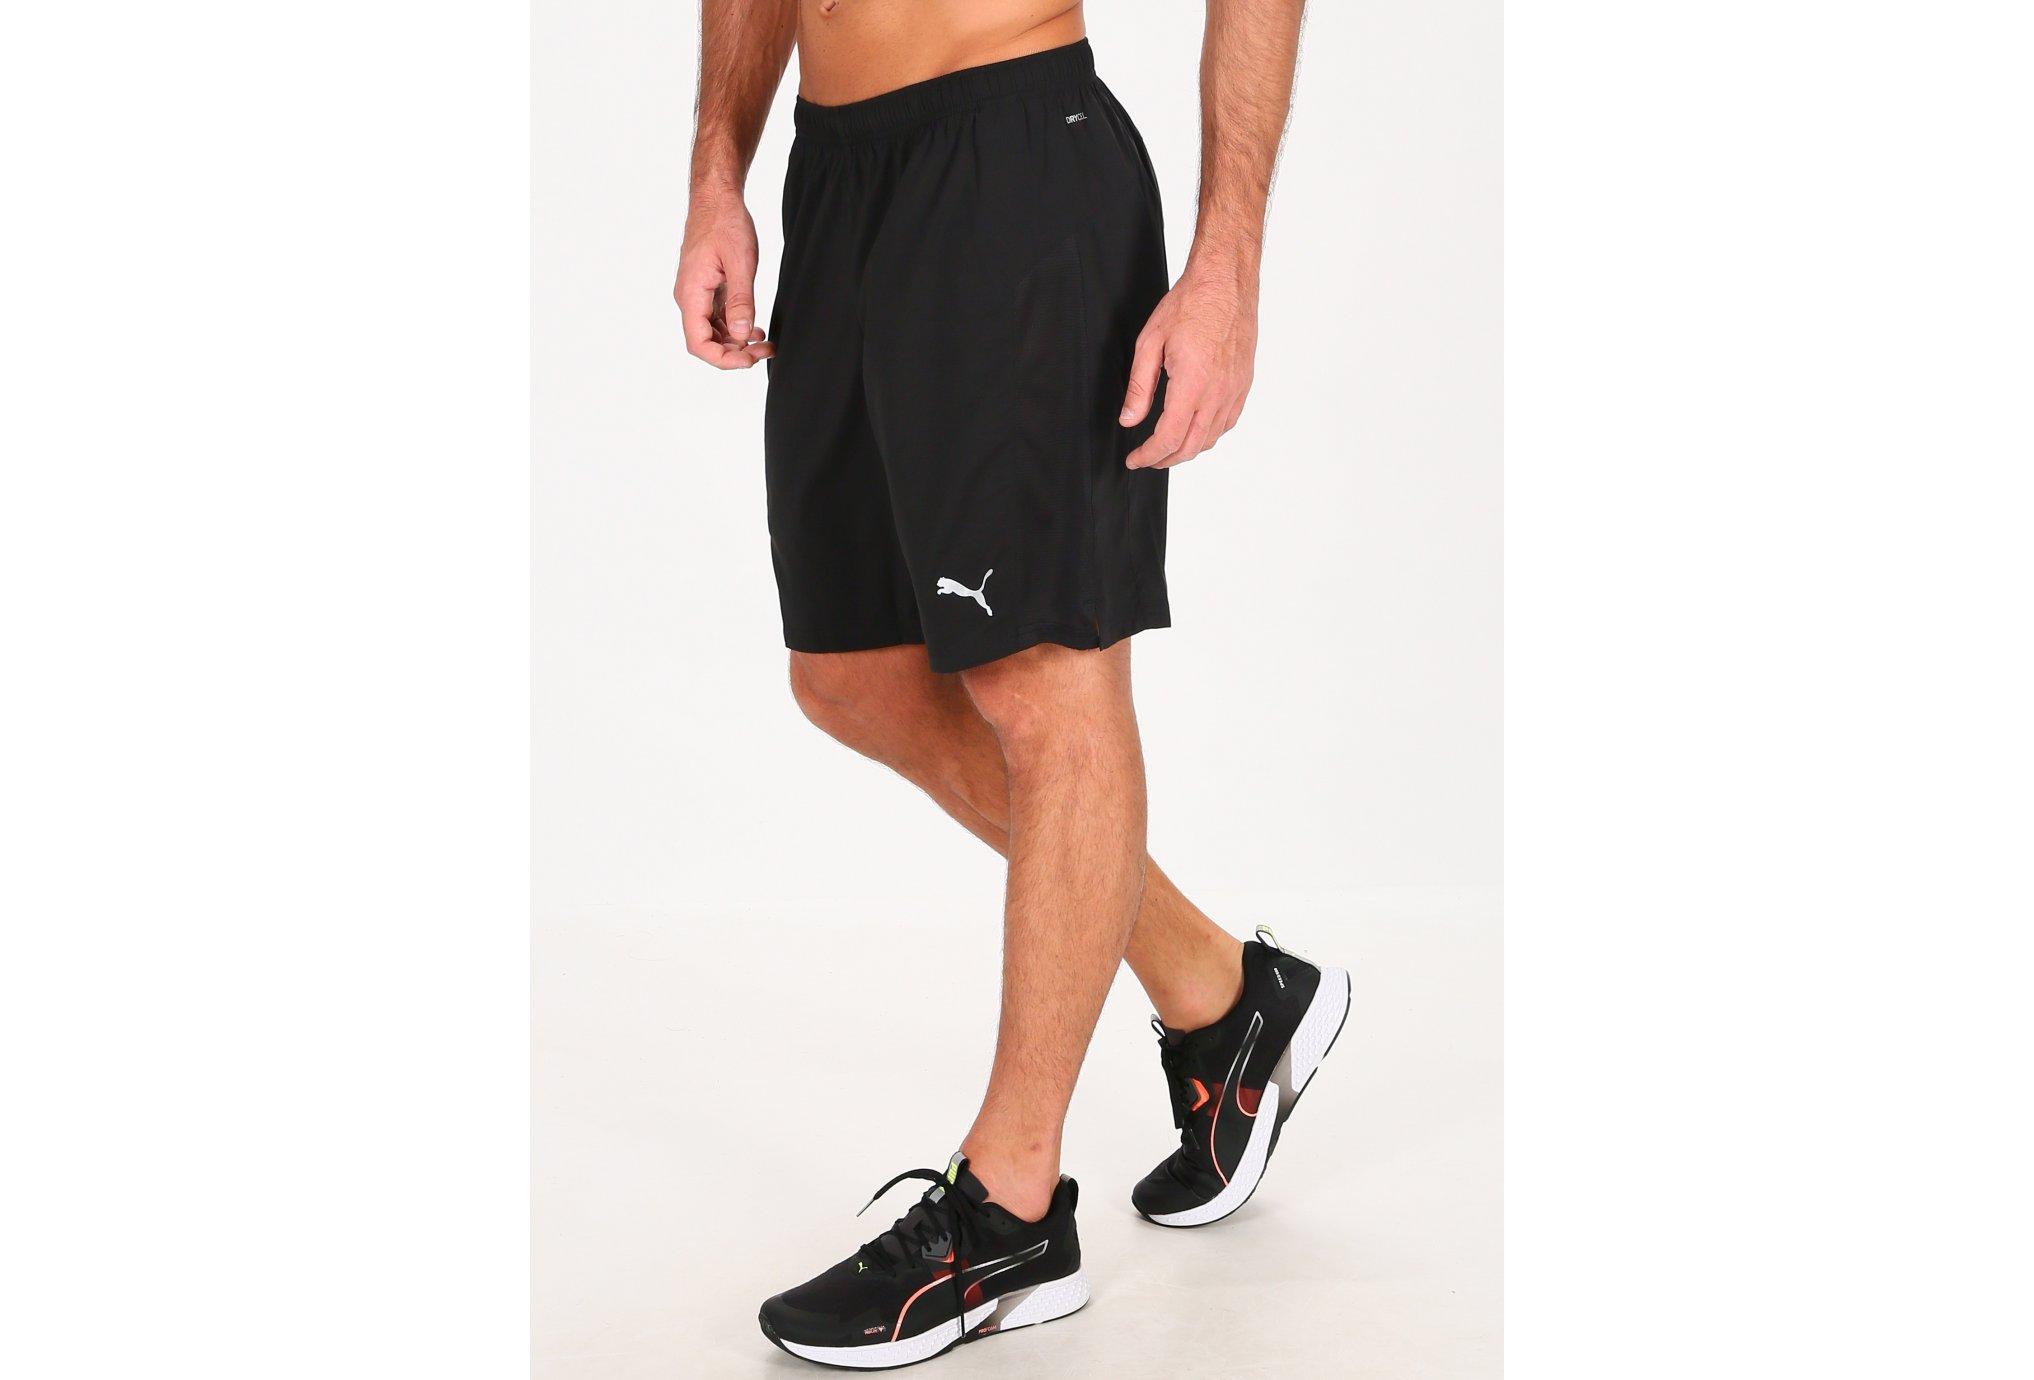 Puma FD M vêtement running homme